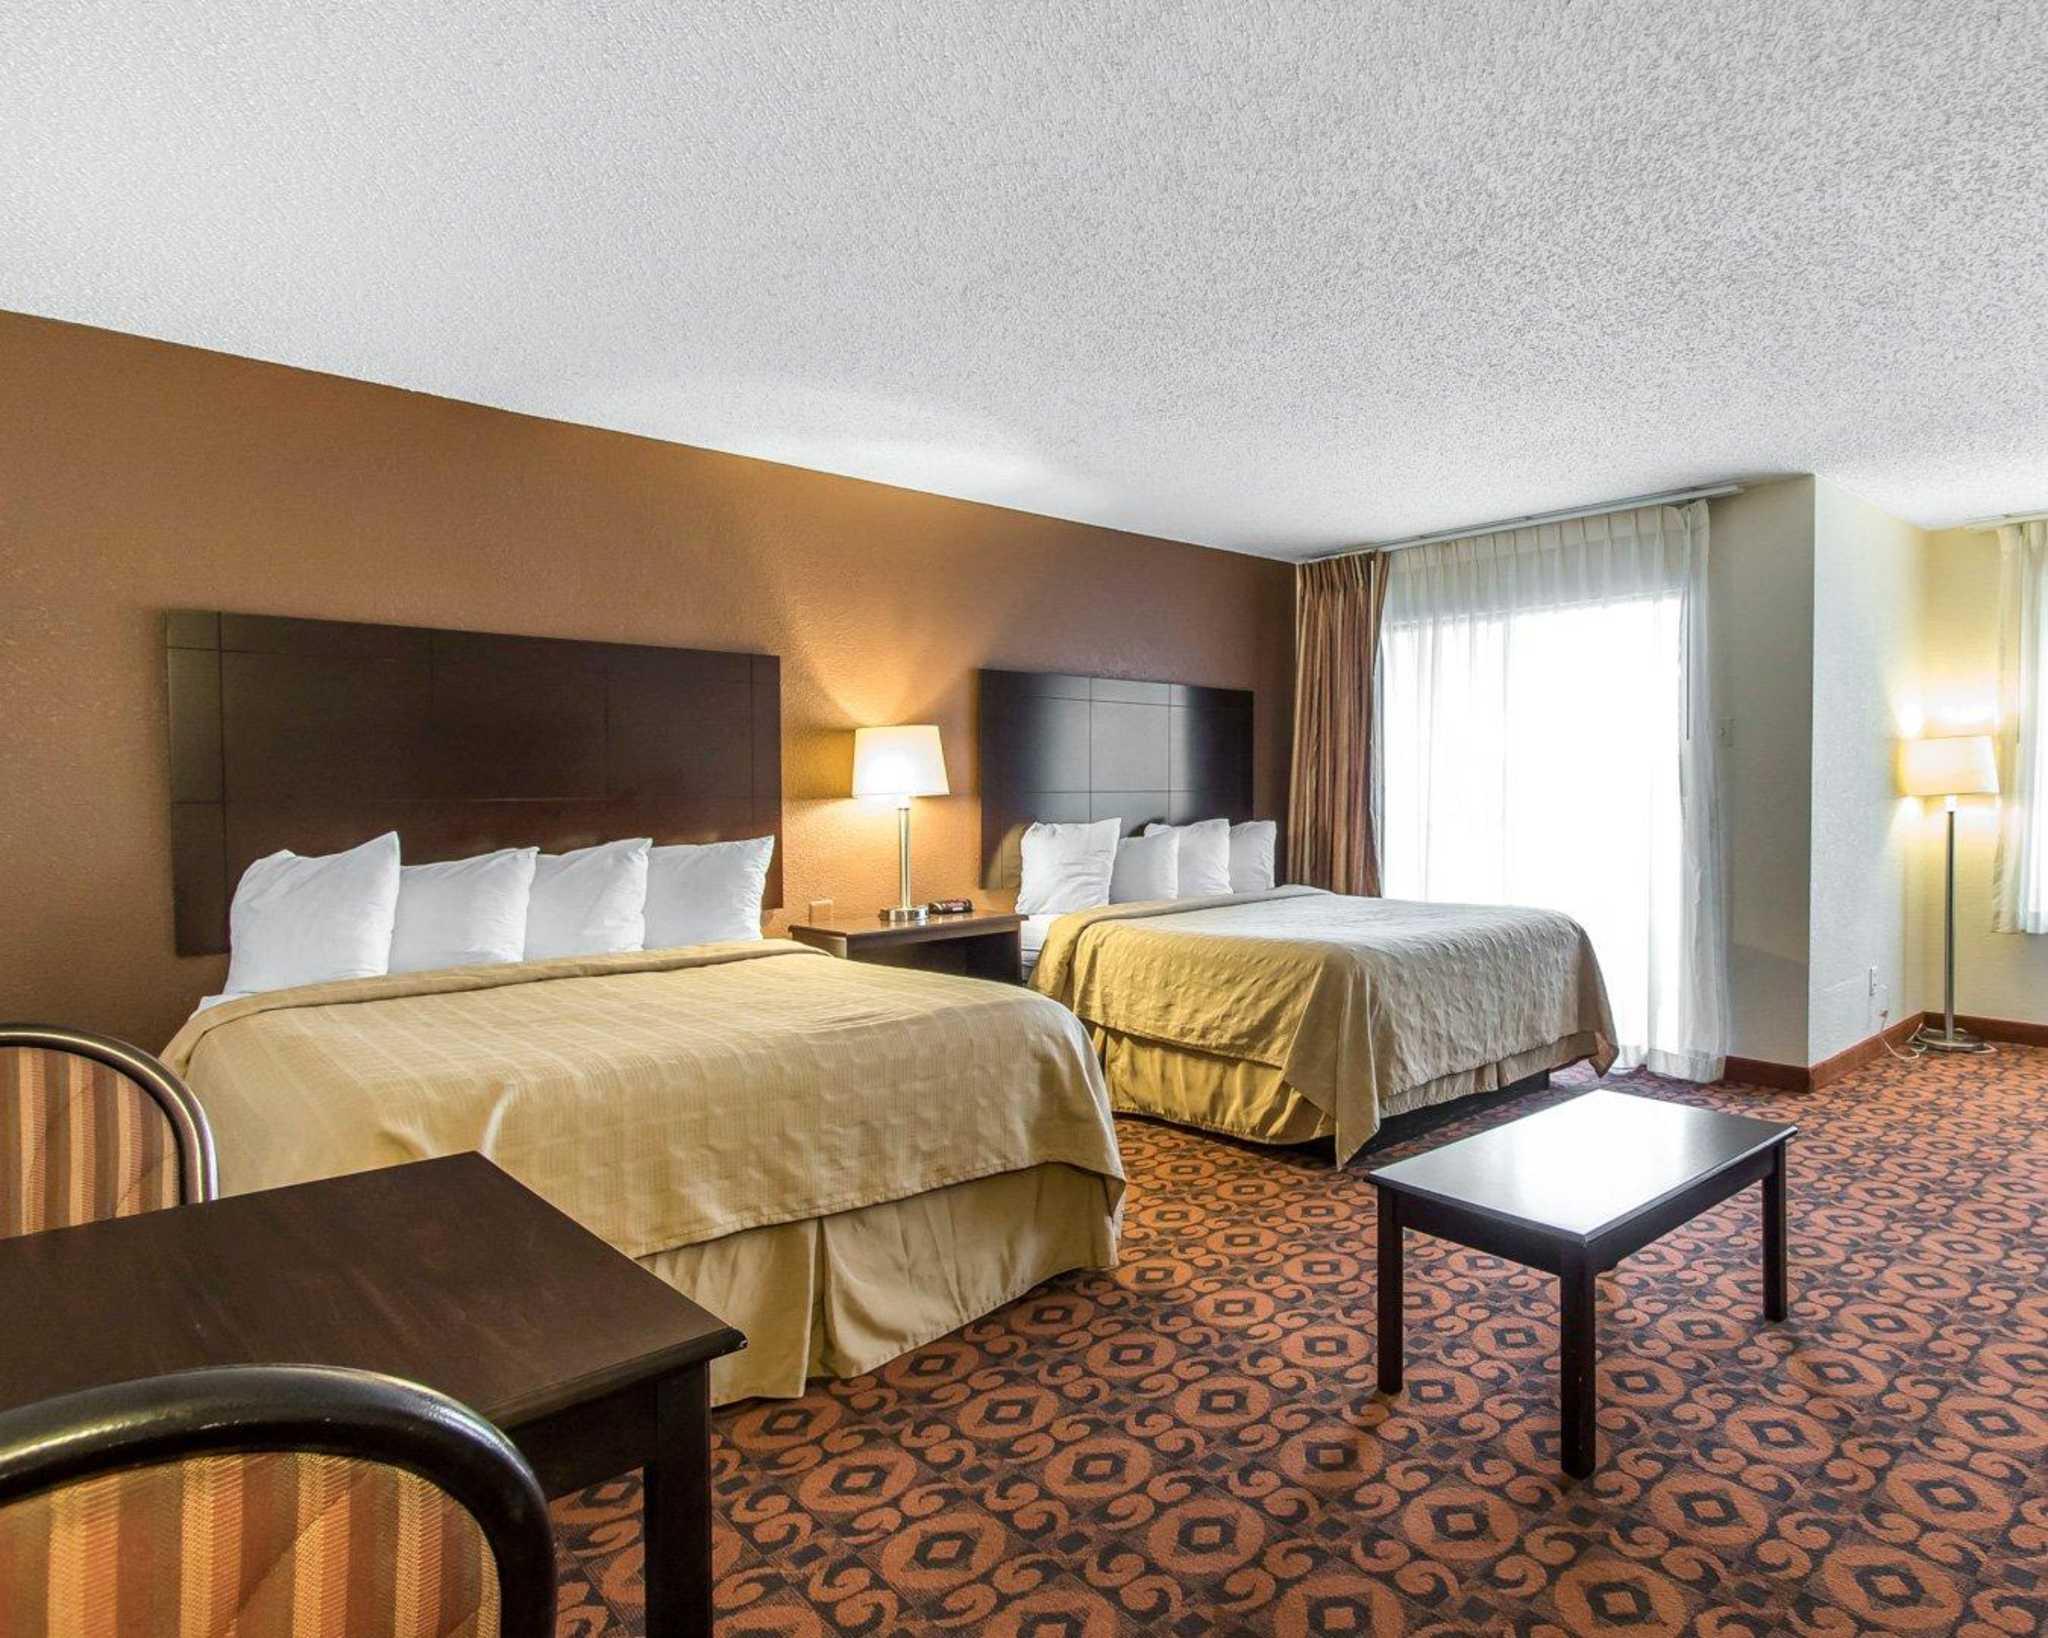 Quality Inn & Suites Fairgrounds West image 25